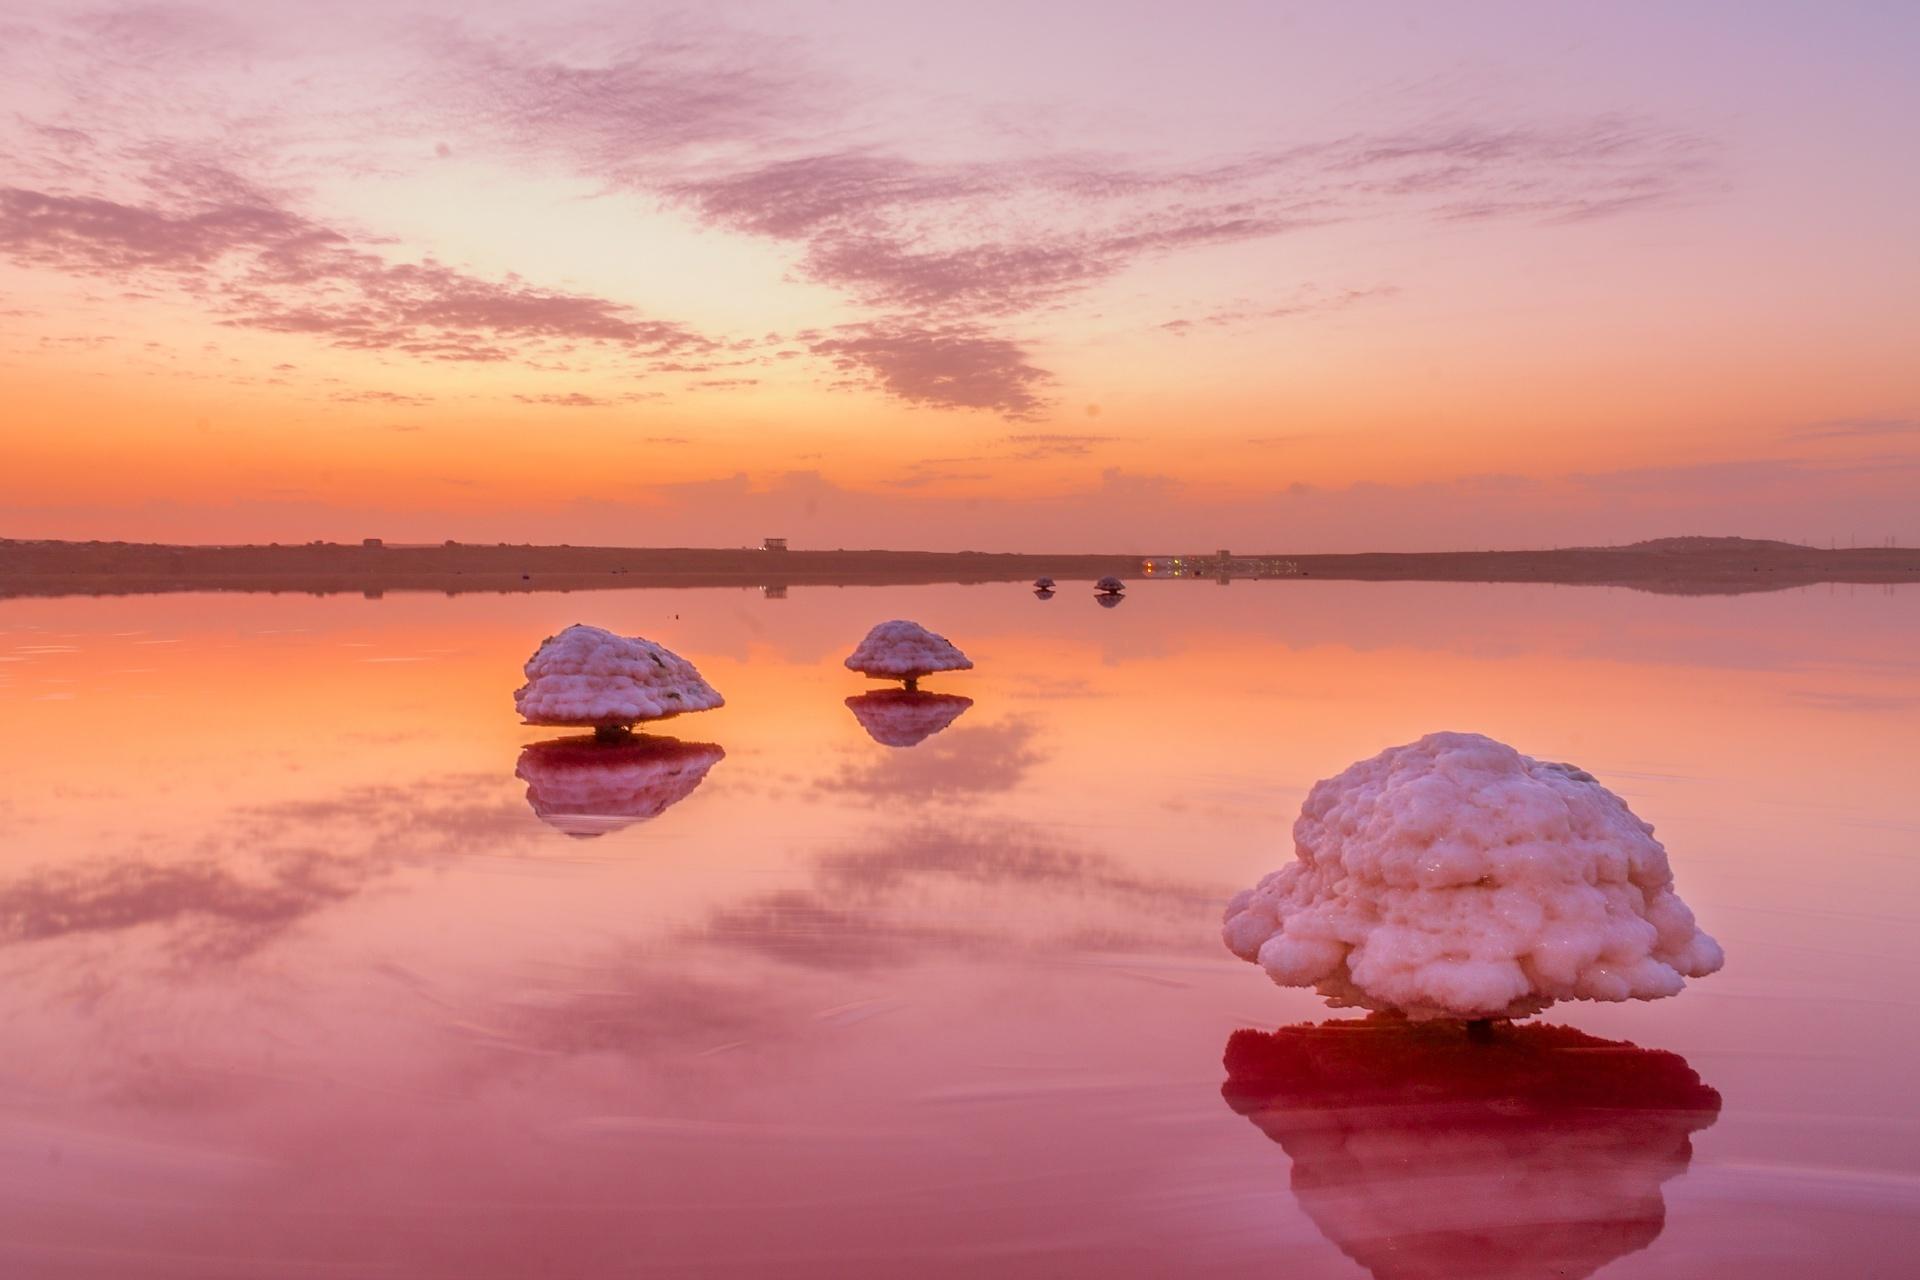 マサジルゴル(マサジル湖)の風景 アゼルバイジャンの風景